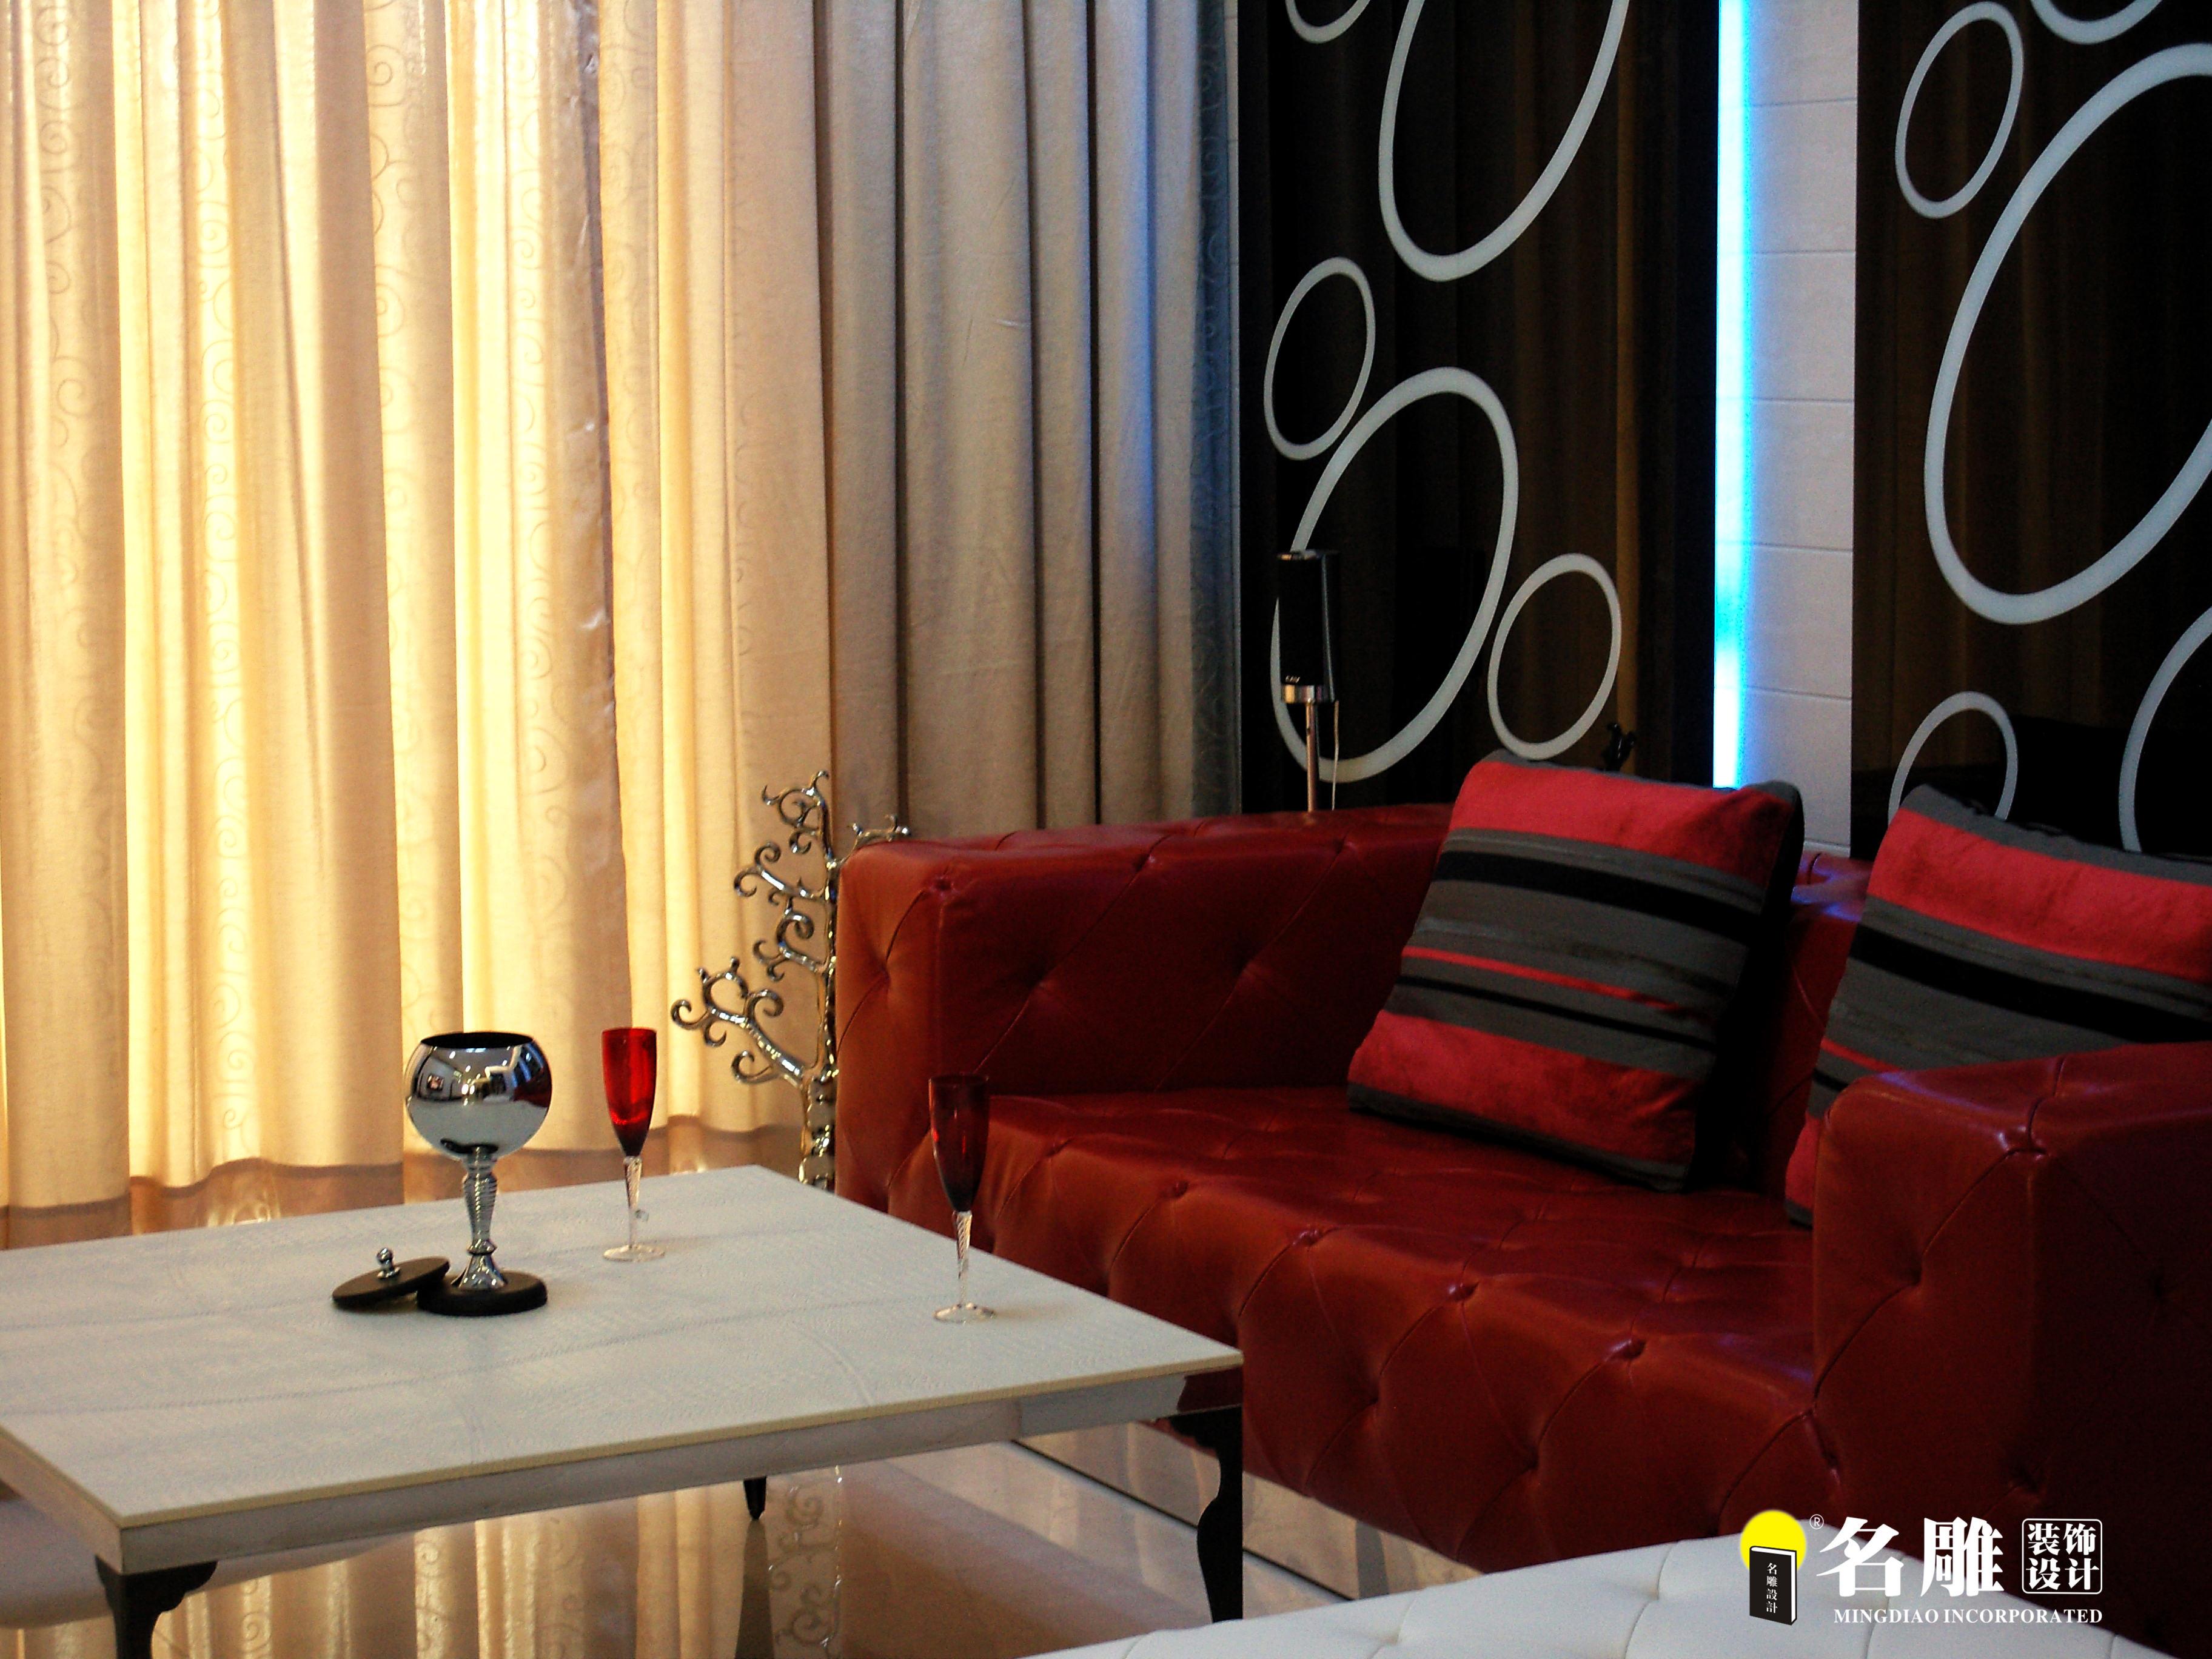 现代 三居 白领 四口之家 时尚个性 名雕装饰 客厅图片来自名雕装饰设计在枫丹白露现代时尚三居室装修设计的分享